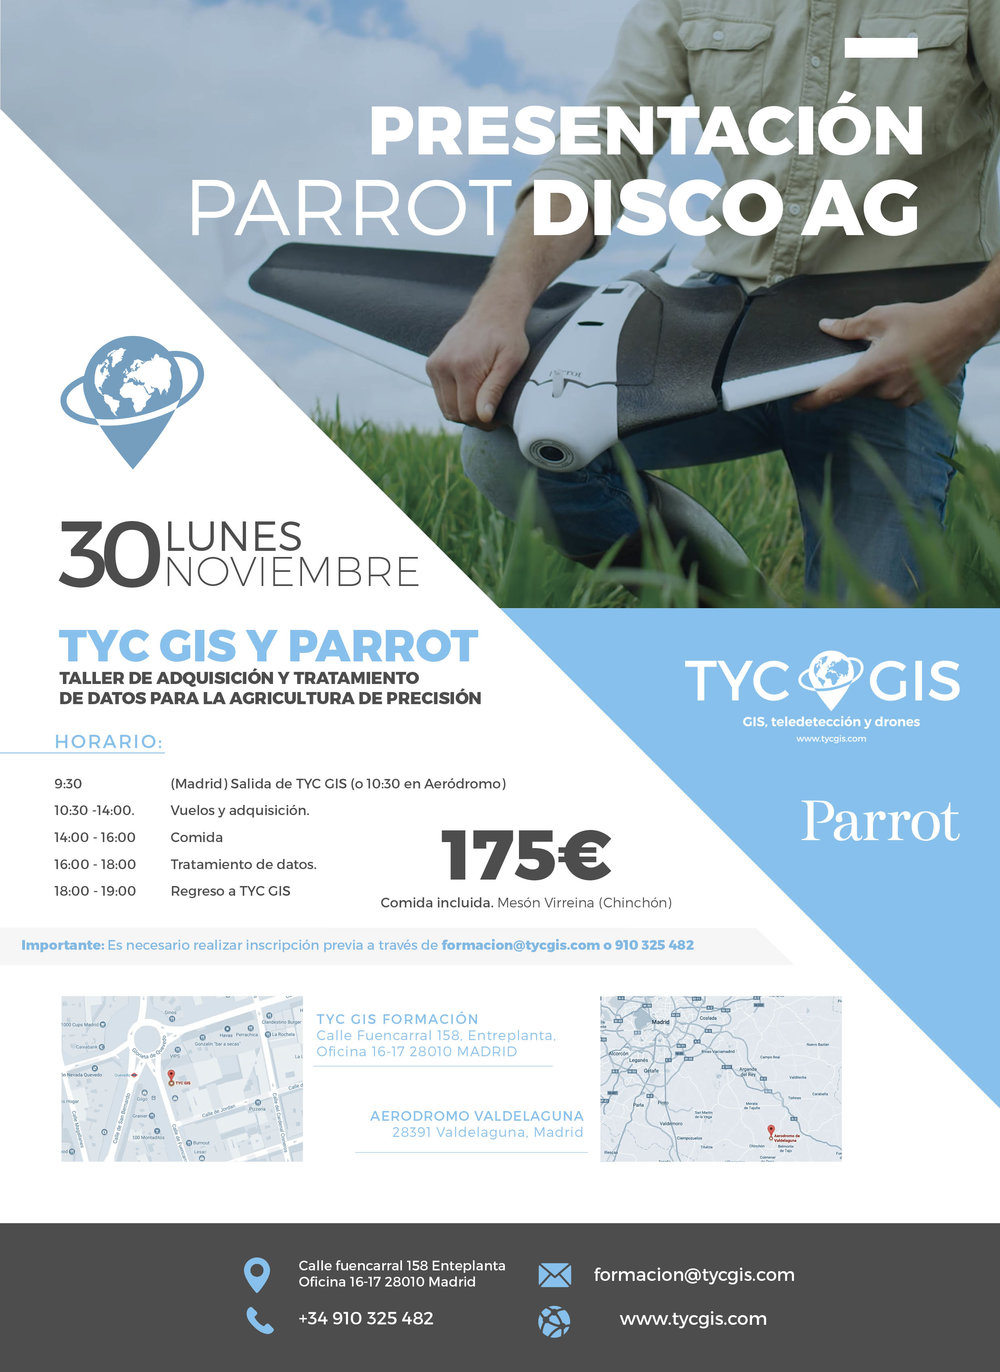 presentacion de parrot españa tyc gis .jpg